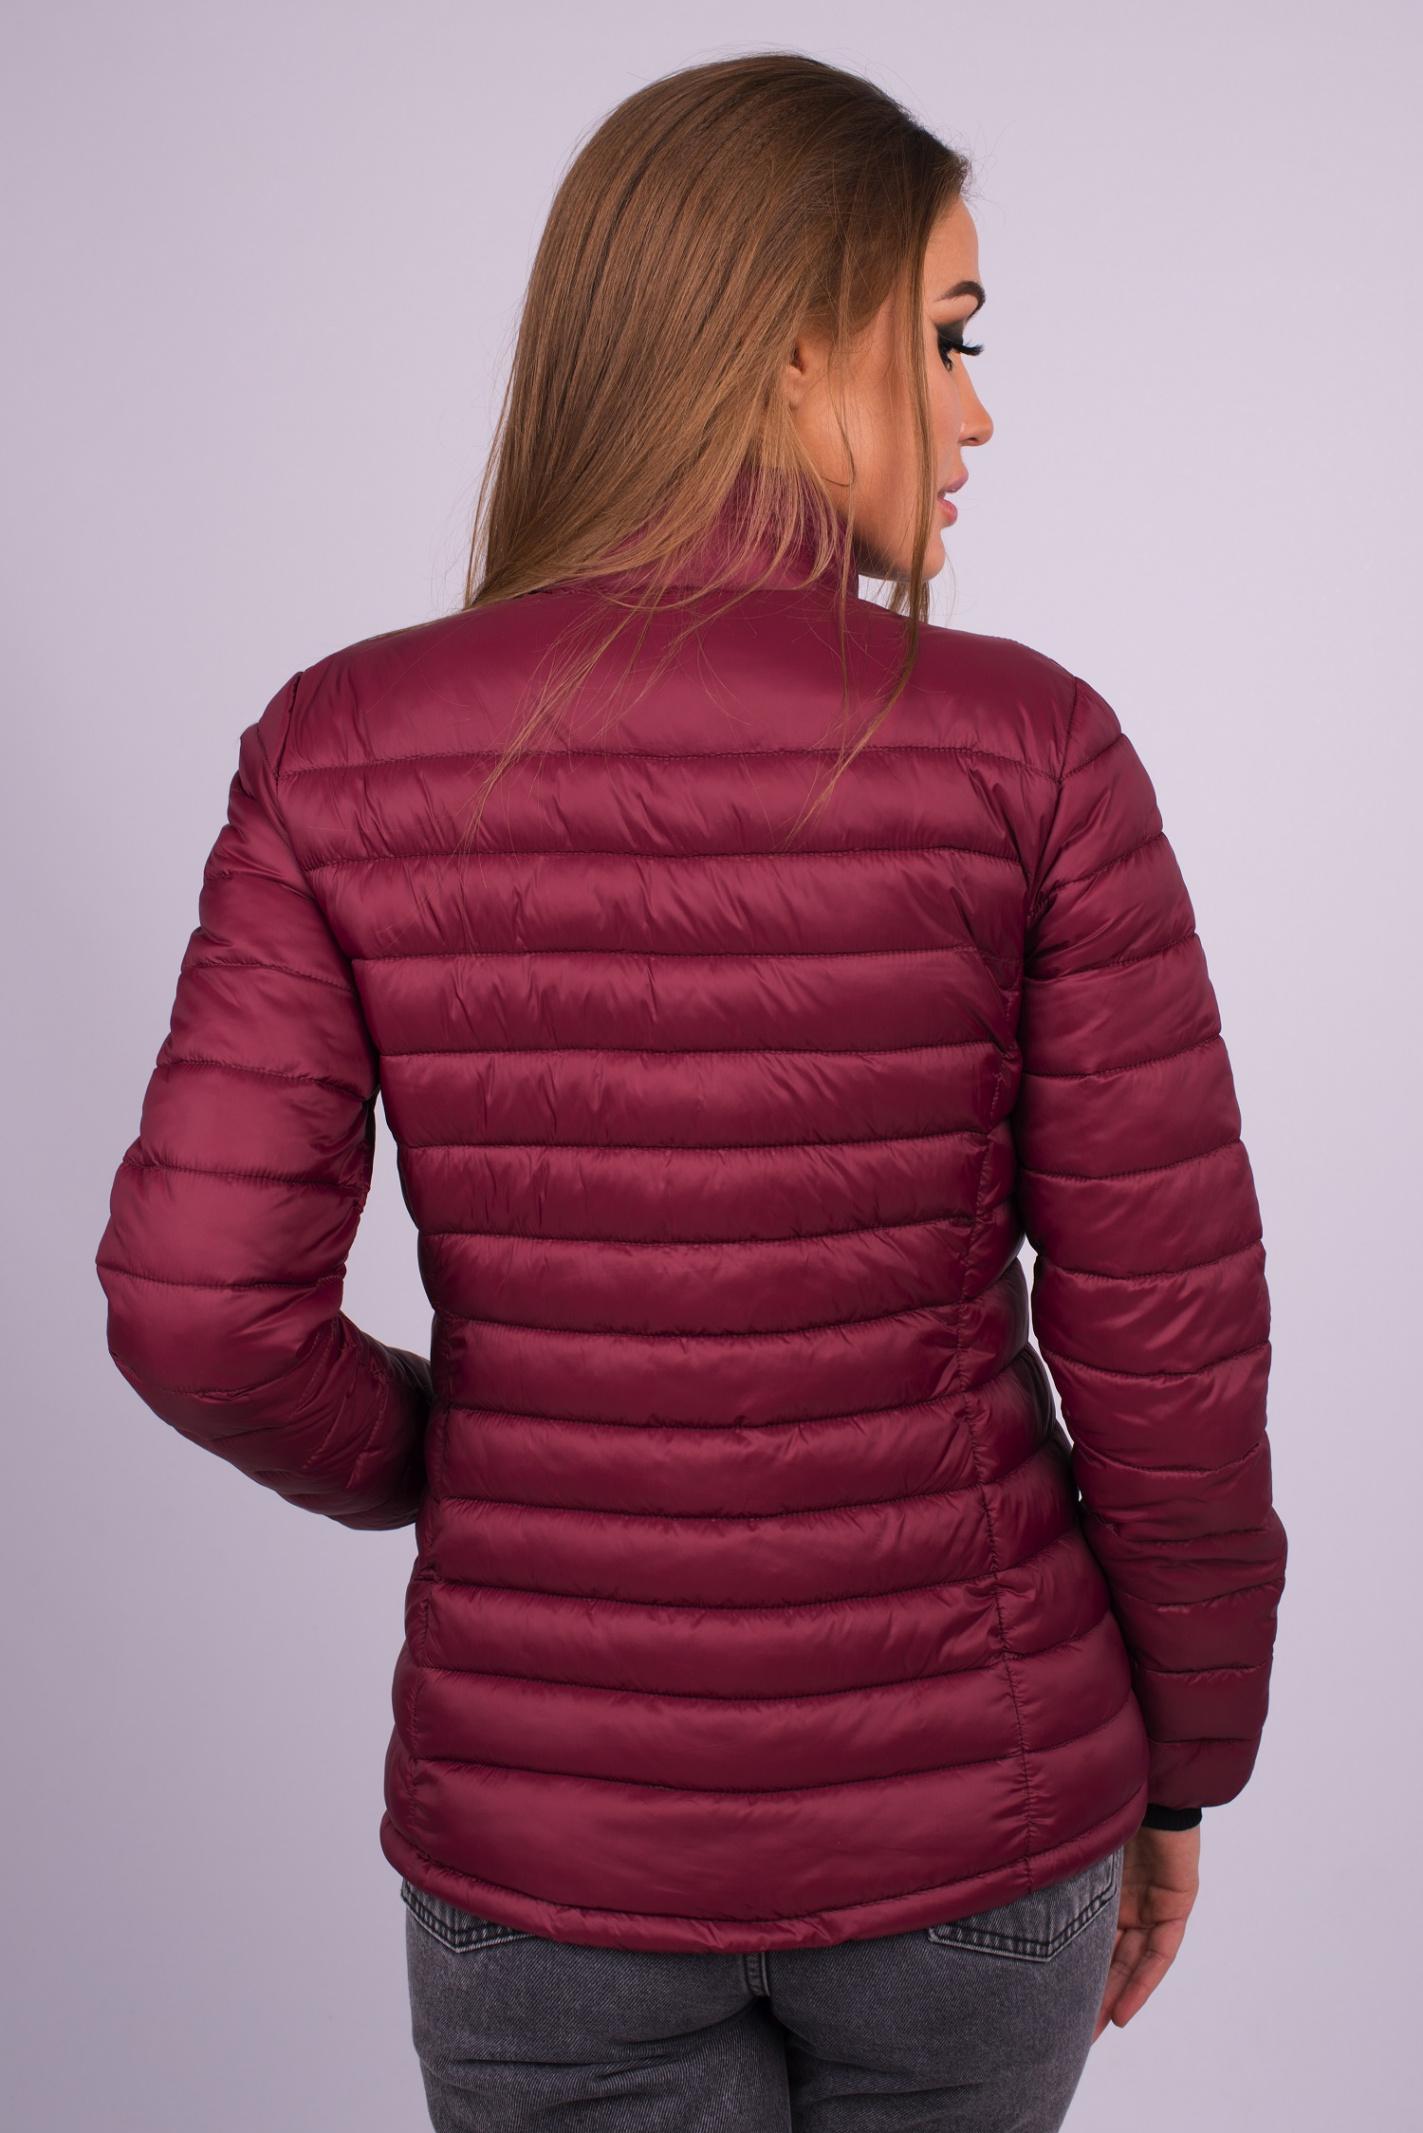 AVECS Куртка жіночі модель 50196-52-AV відгуки, 2017